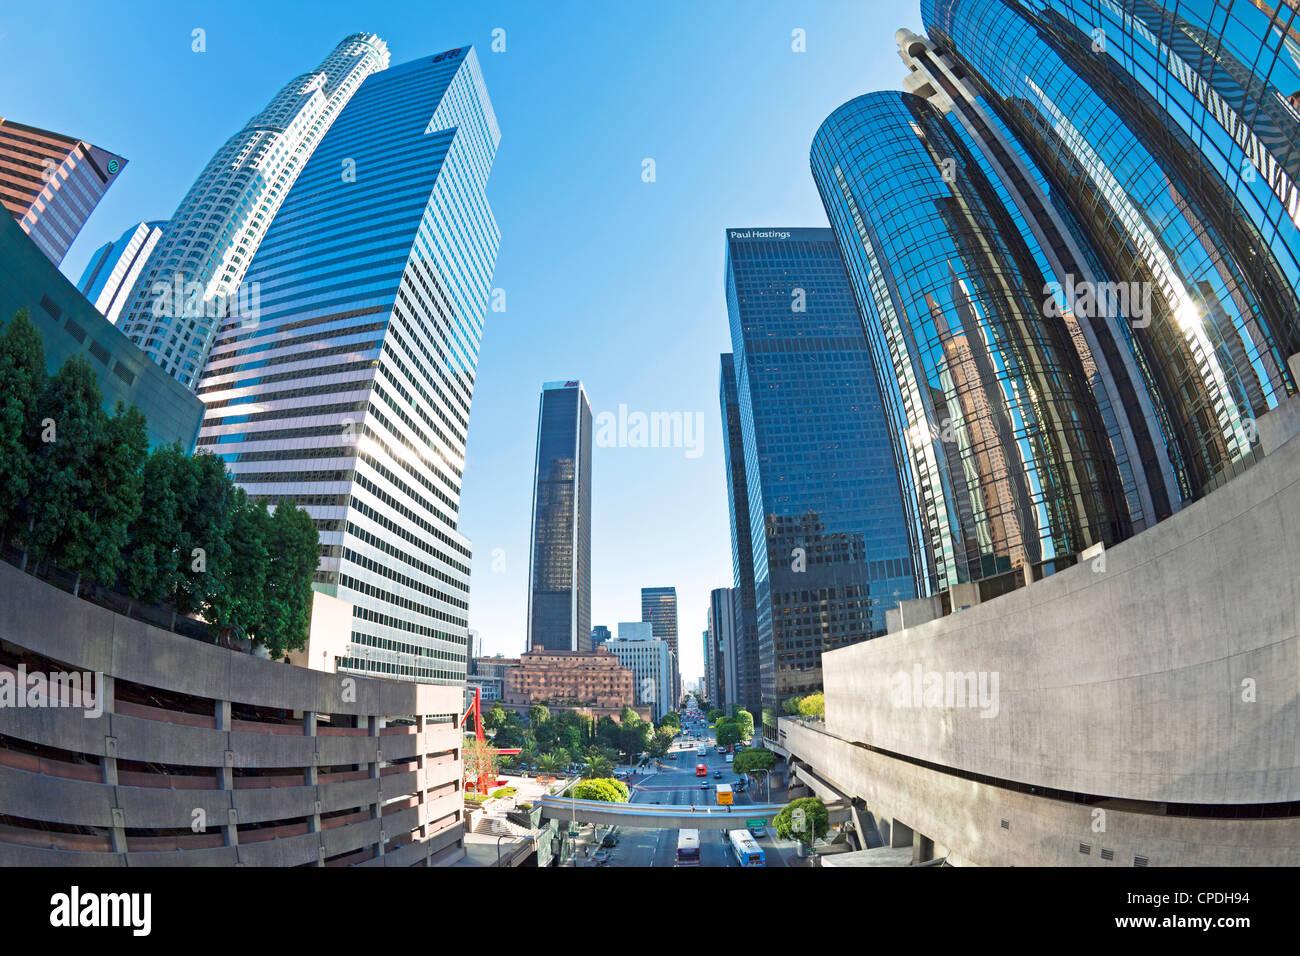 Centre-ville, Los Angeles, Californie, États-Unis d'Amérique, Amérique du Nord Photo Stock